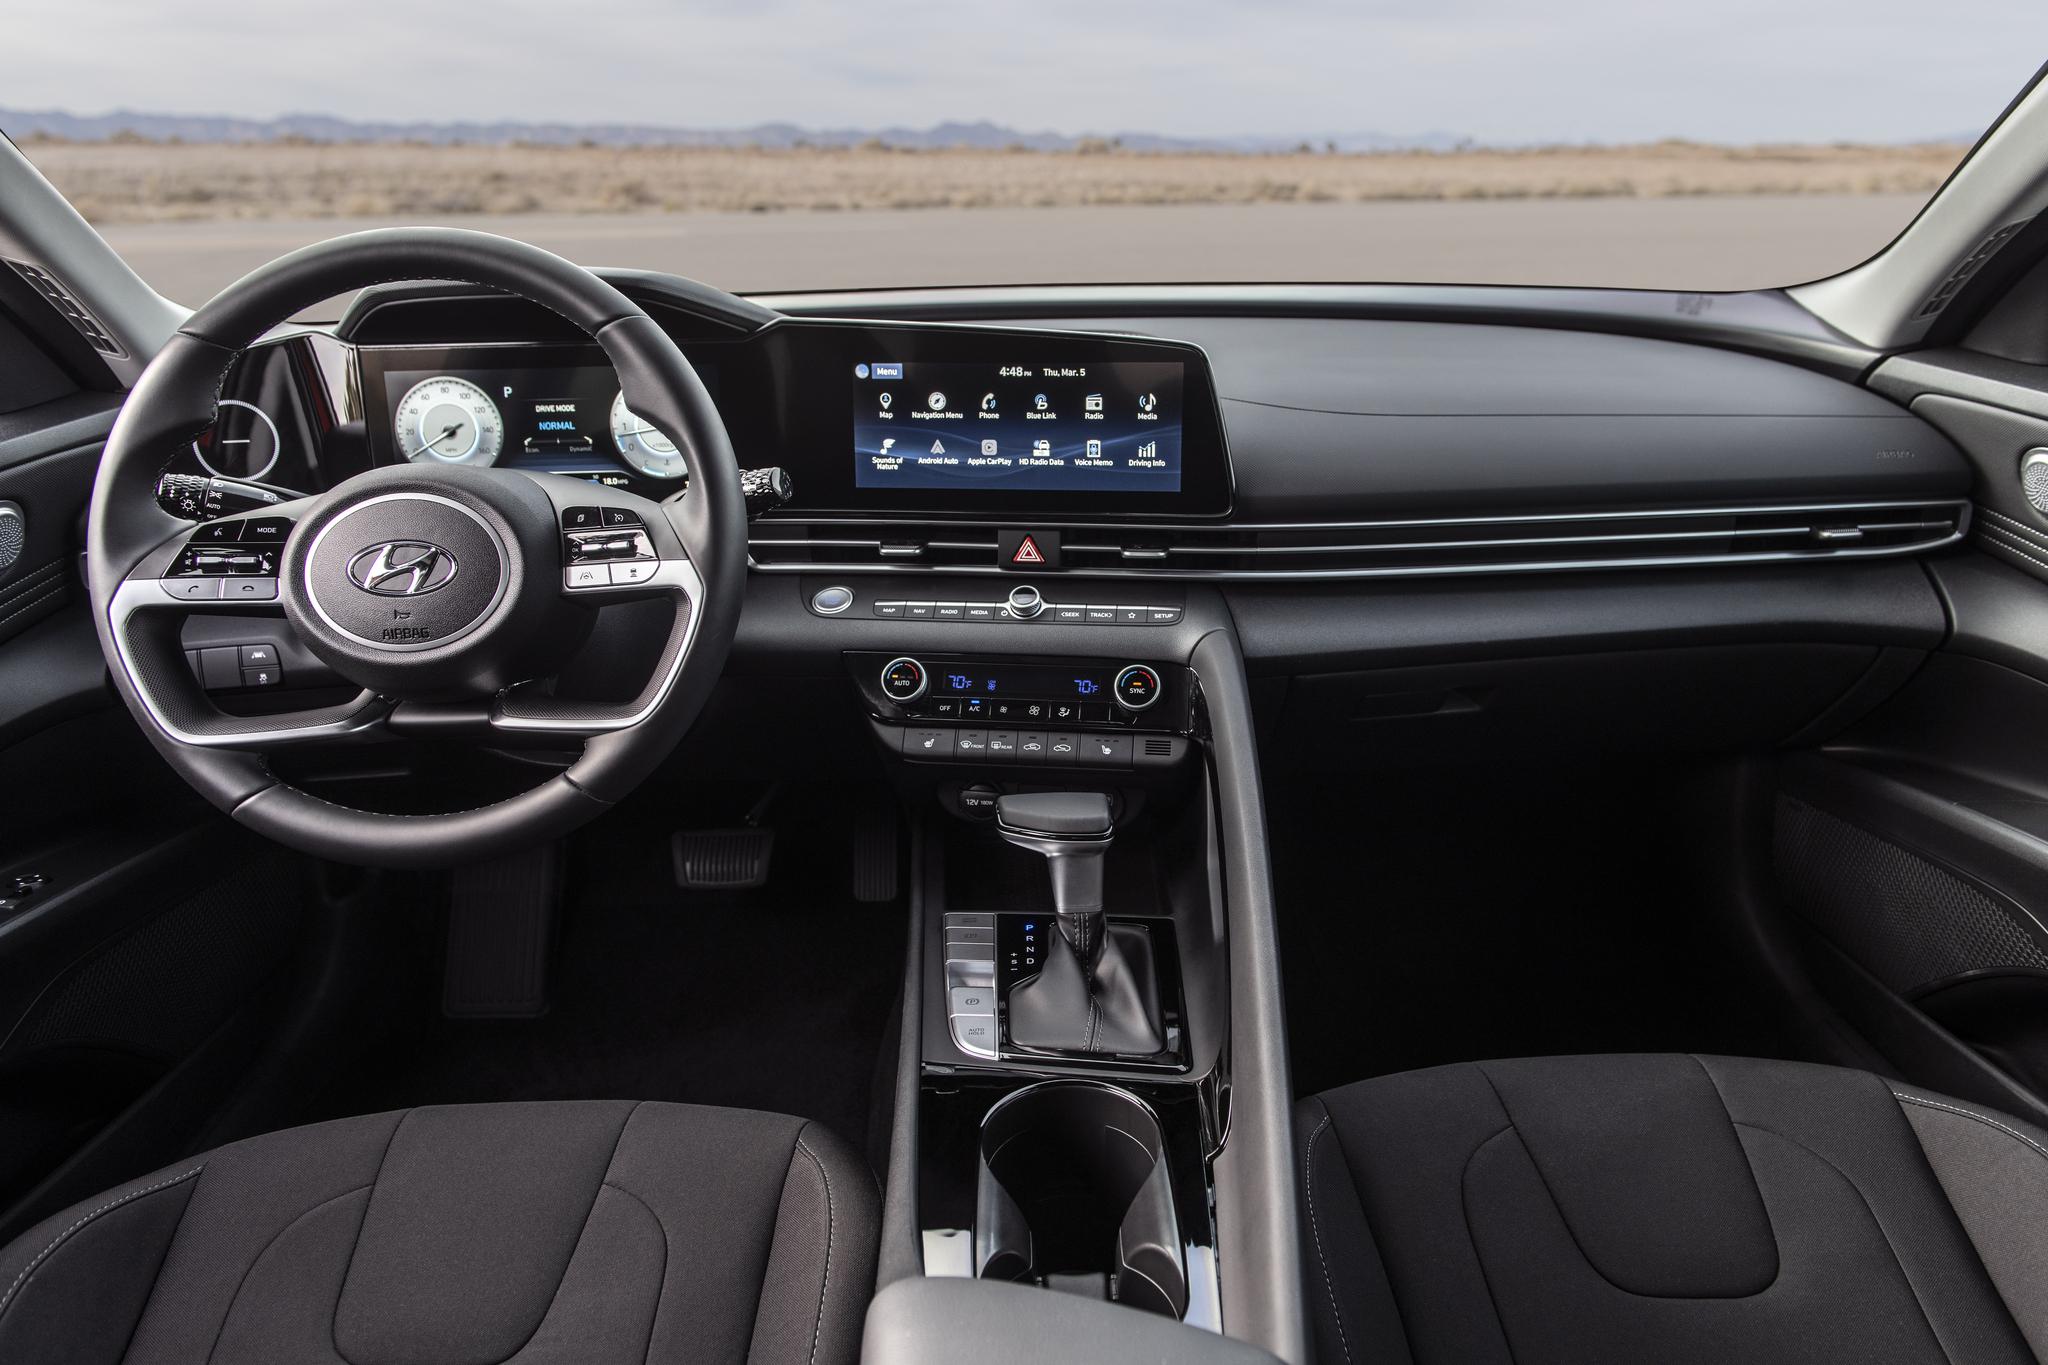 운전자를 감싸는 듯한 디자인의 인테리어. 대형 디스플레이가 눈에 띈다. 사진 현대자동차